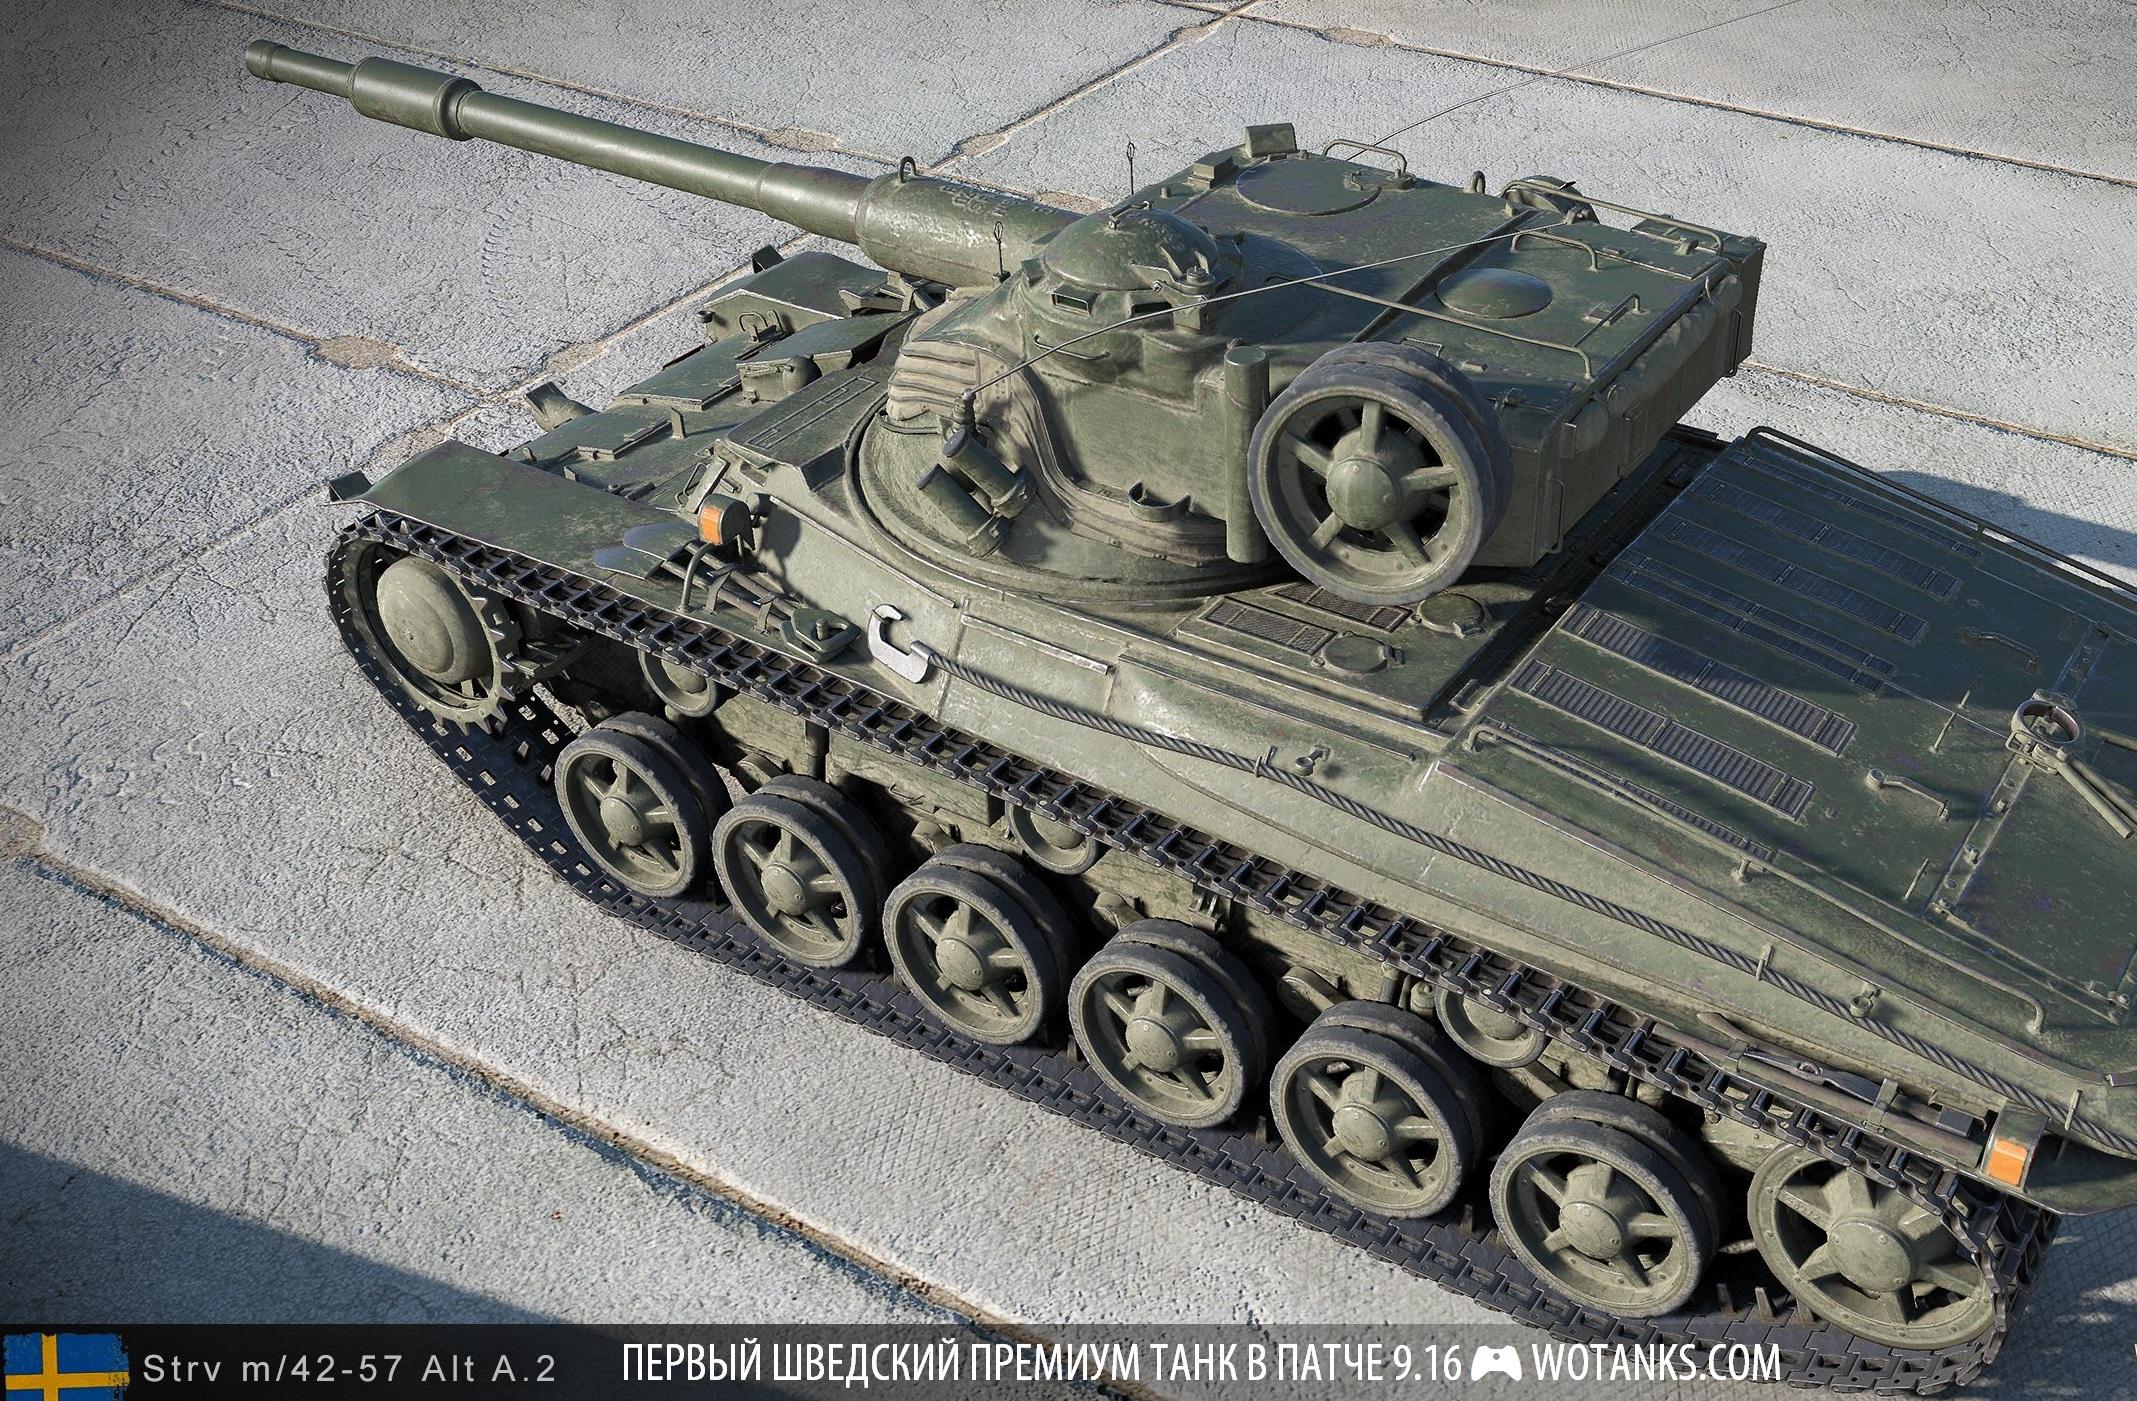 Шведский премиум танк WOT 9.16 VI уровня Strv m/42-57 Alt A.2